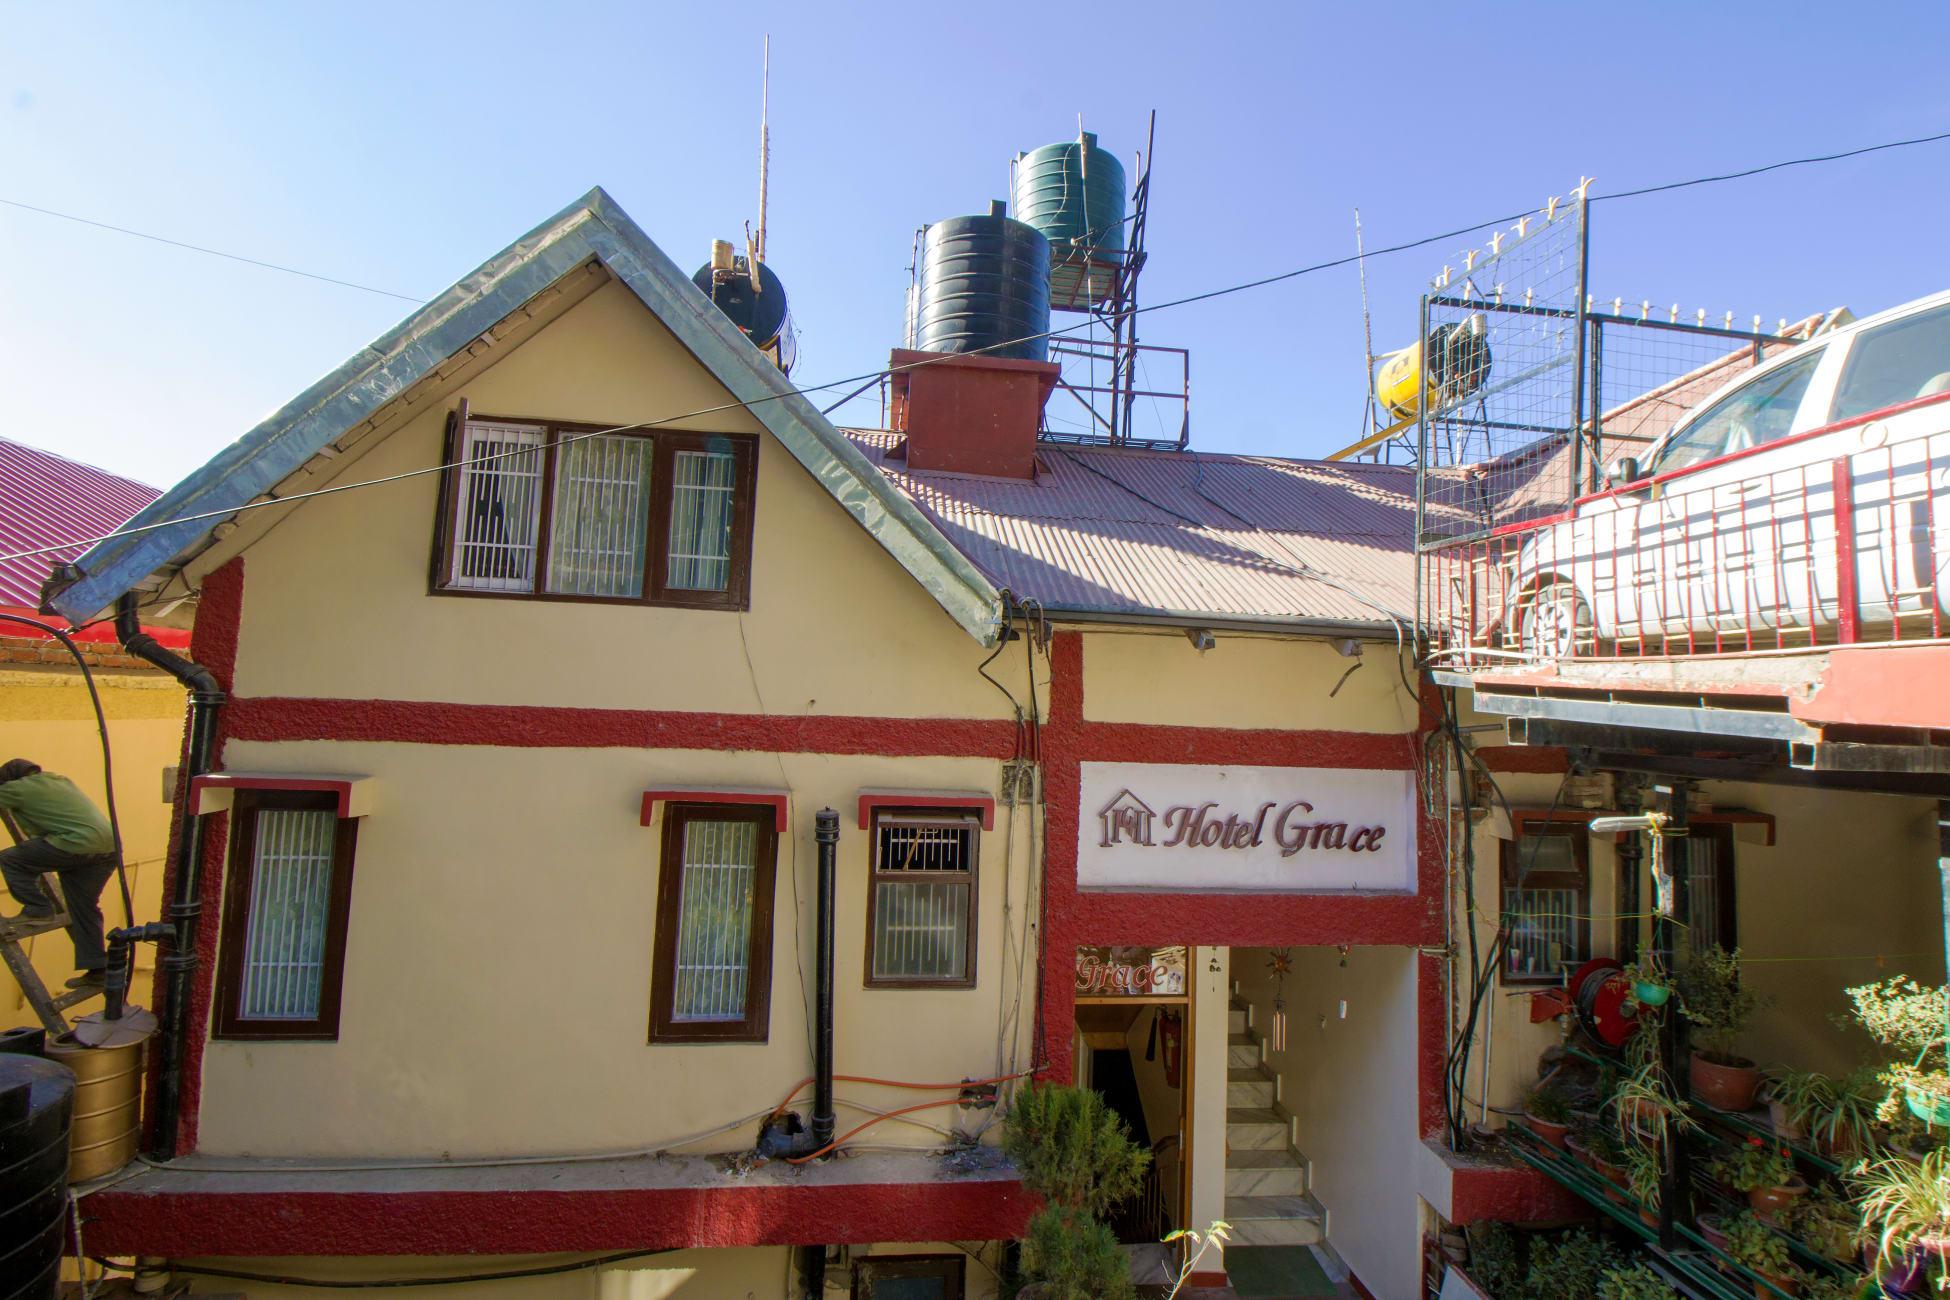 Hotel Hotel Grace Shimla Trivago In